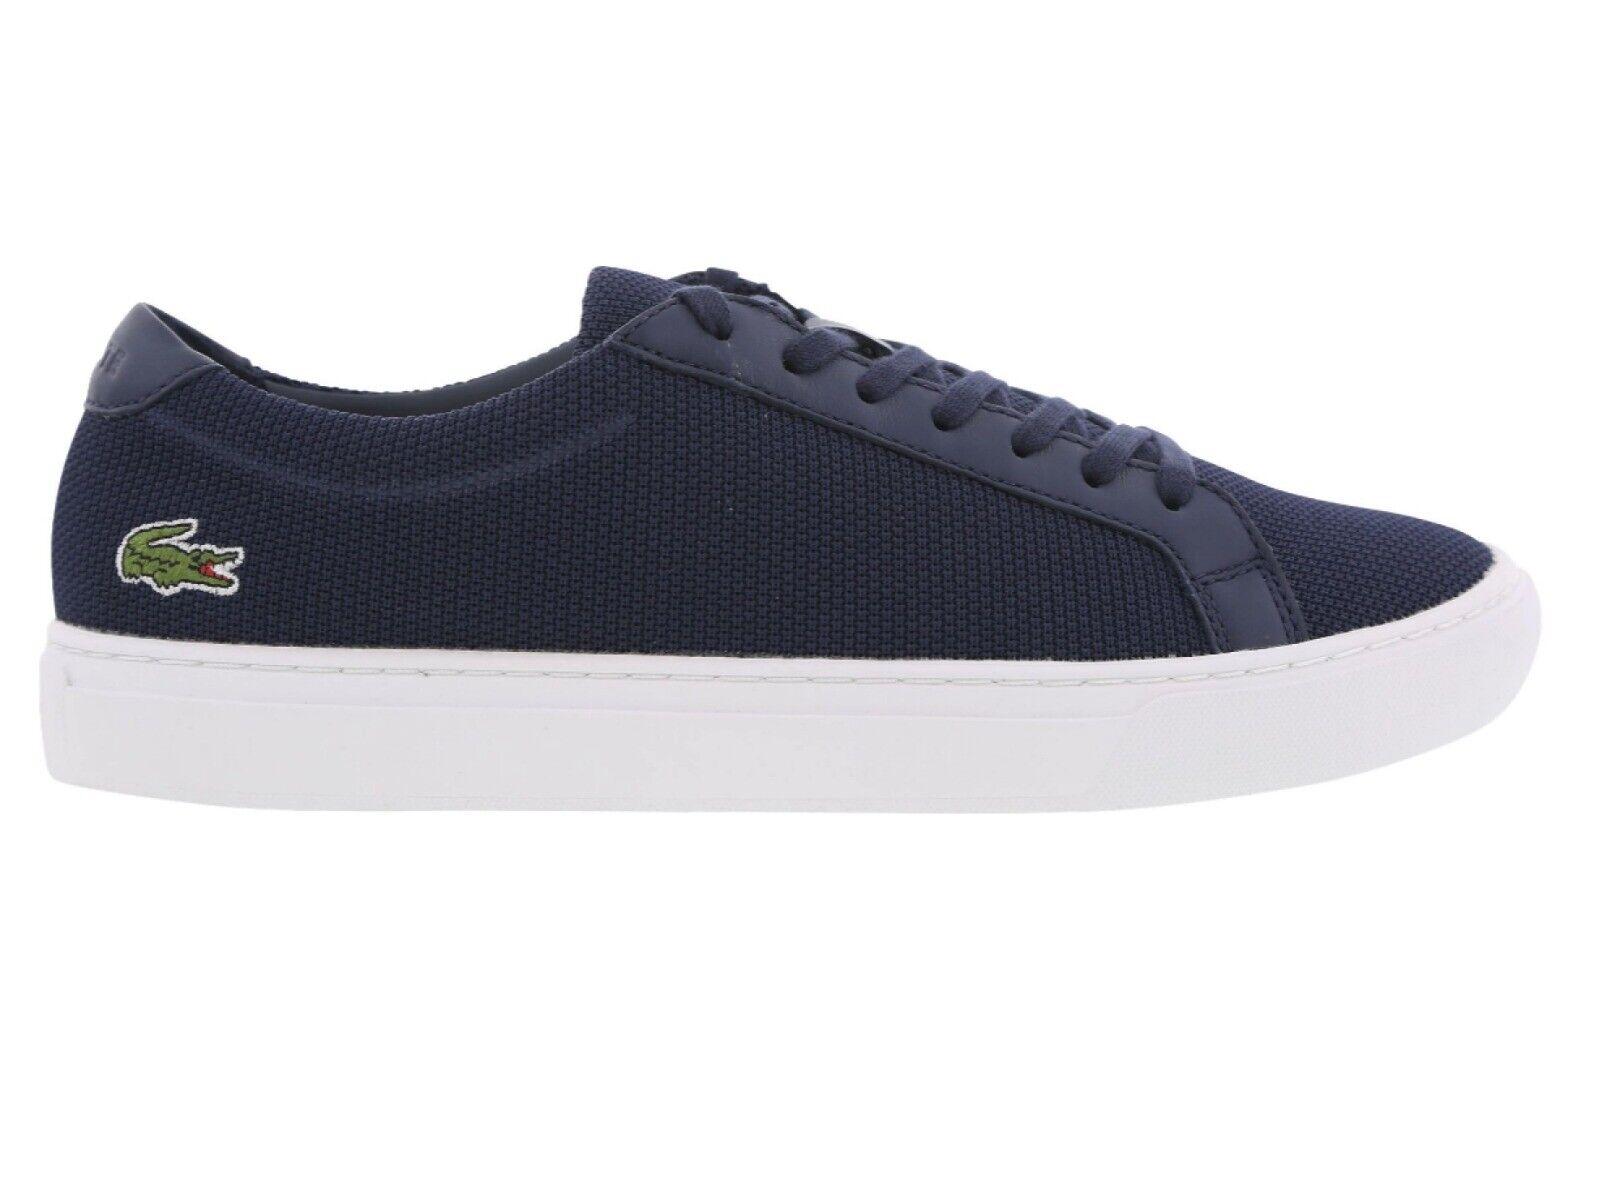 Lacoste L.12.12 BL 2 Cam Azul Marino Textil Zapatilla Zapato Para Hombre nuevo PVP